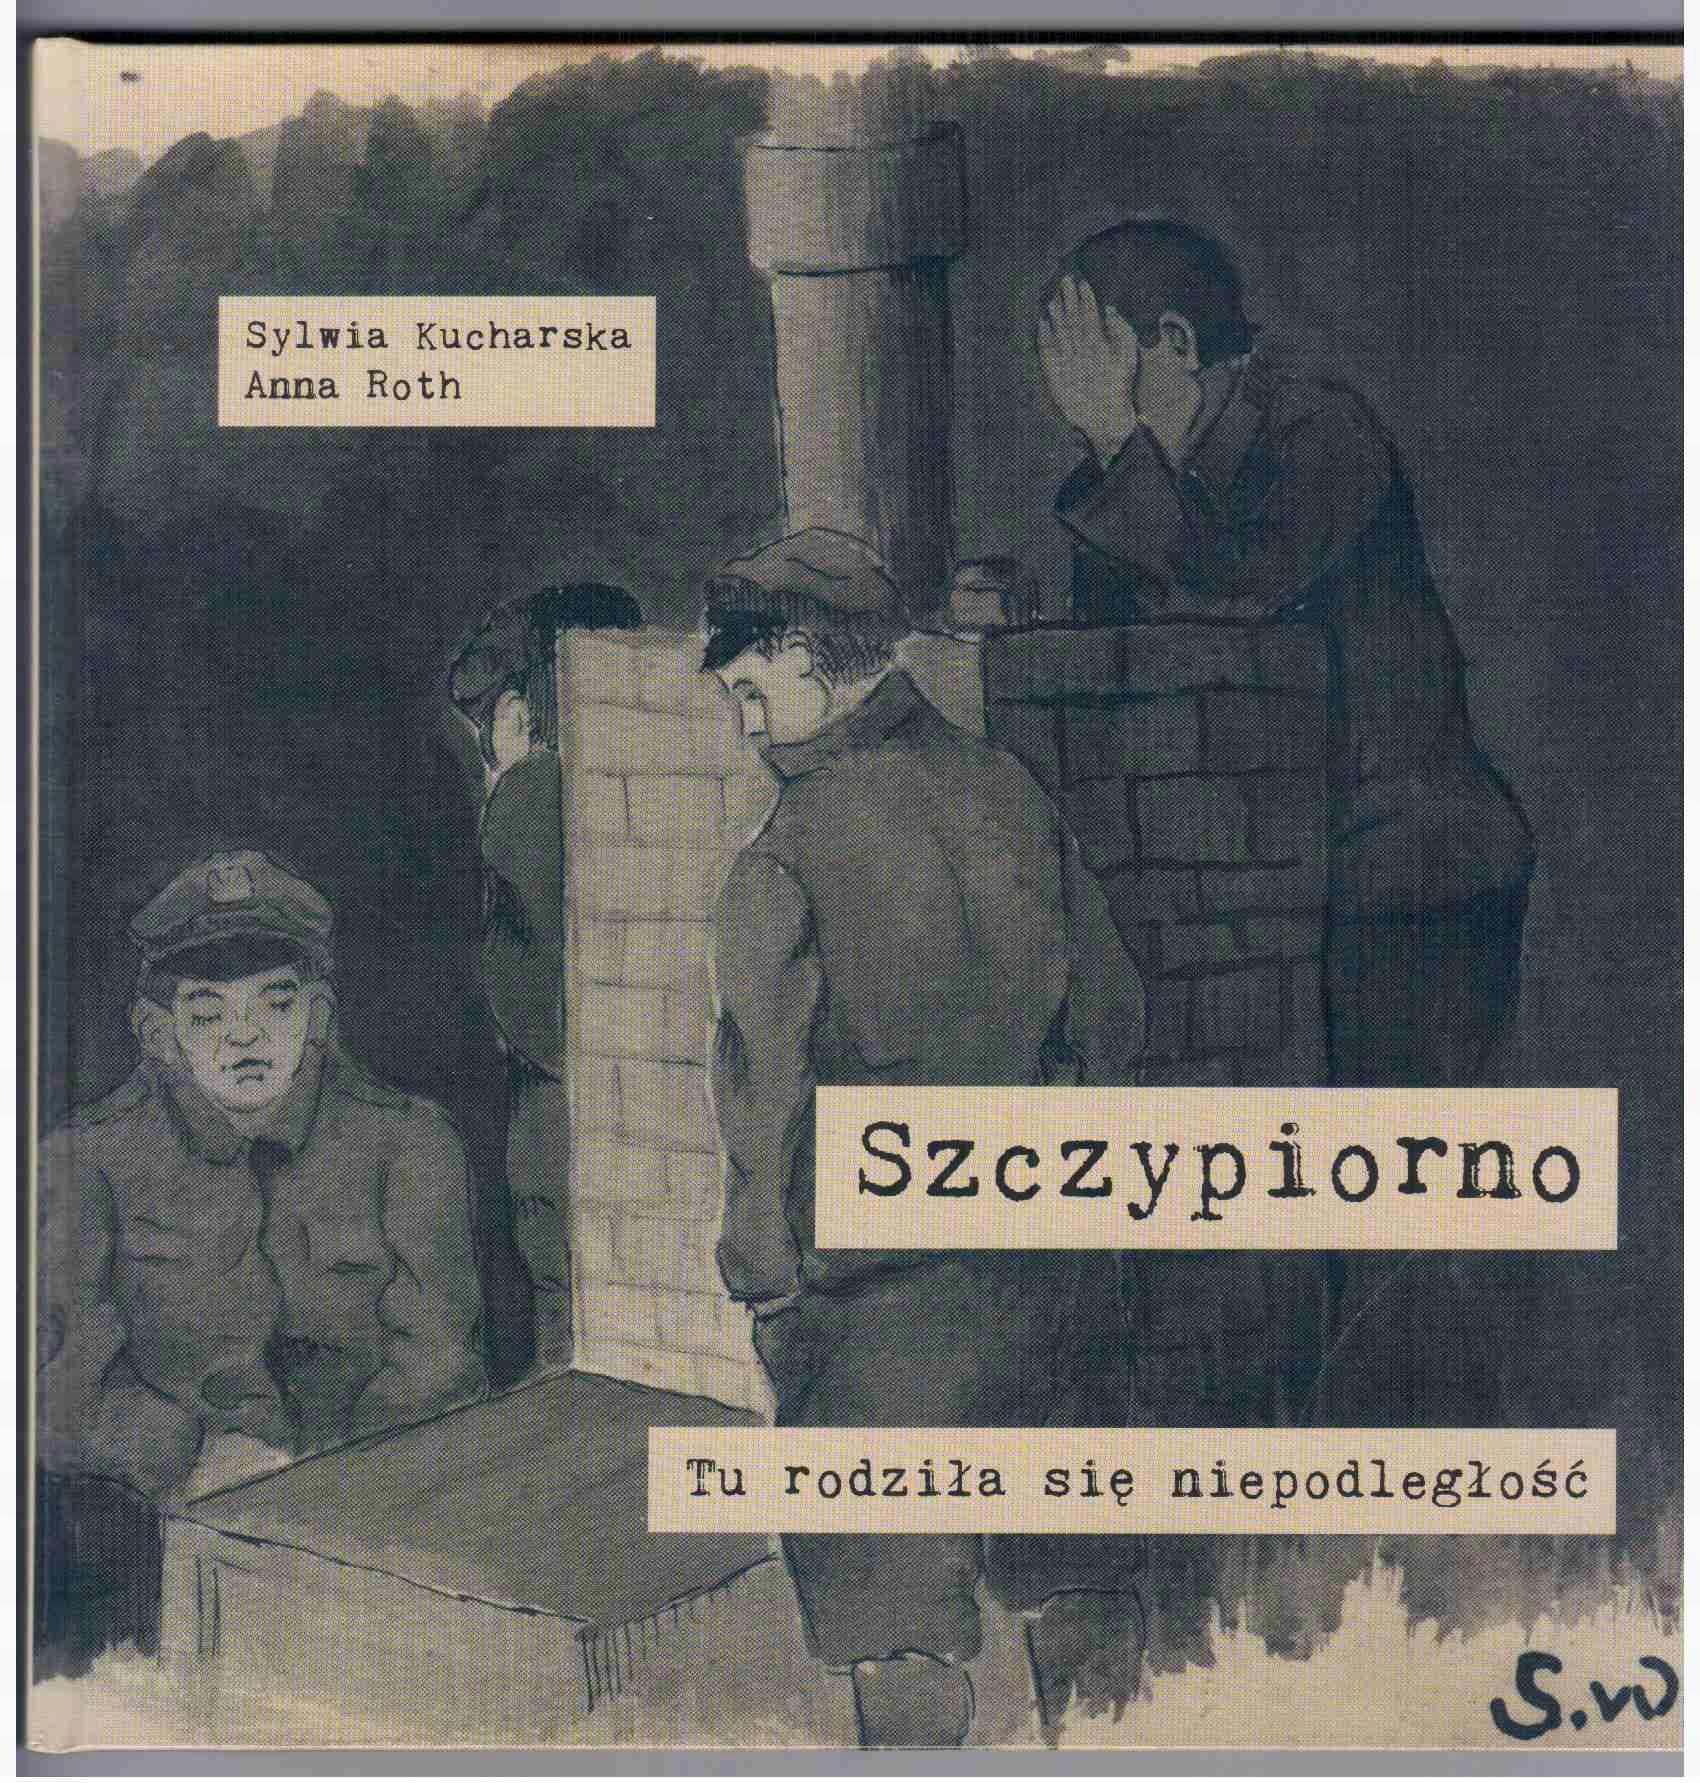 Szczypiorno p. Kalisz Legiony Piłsudski